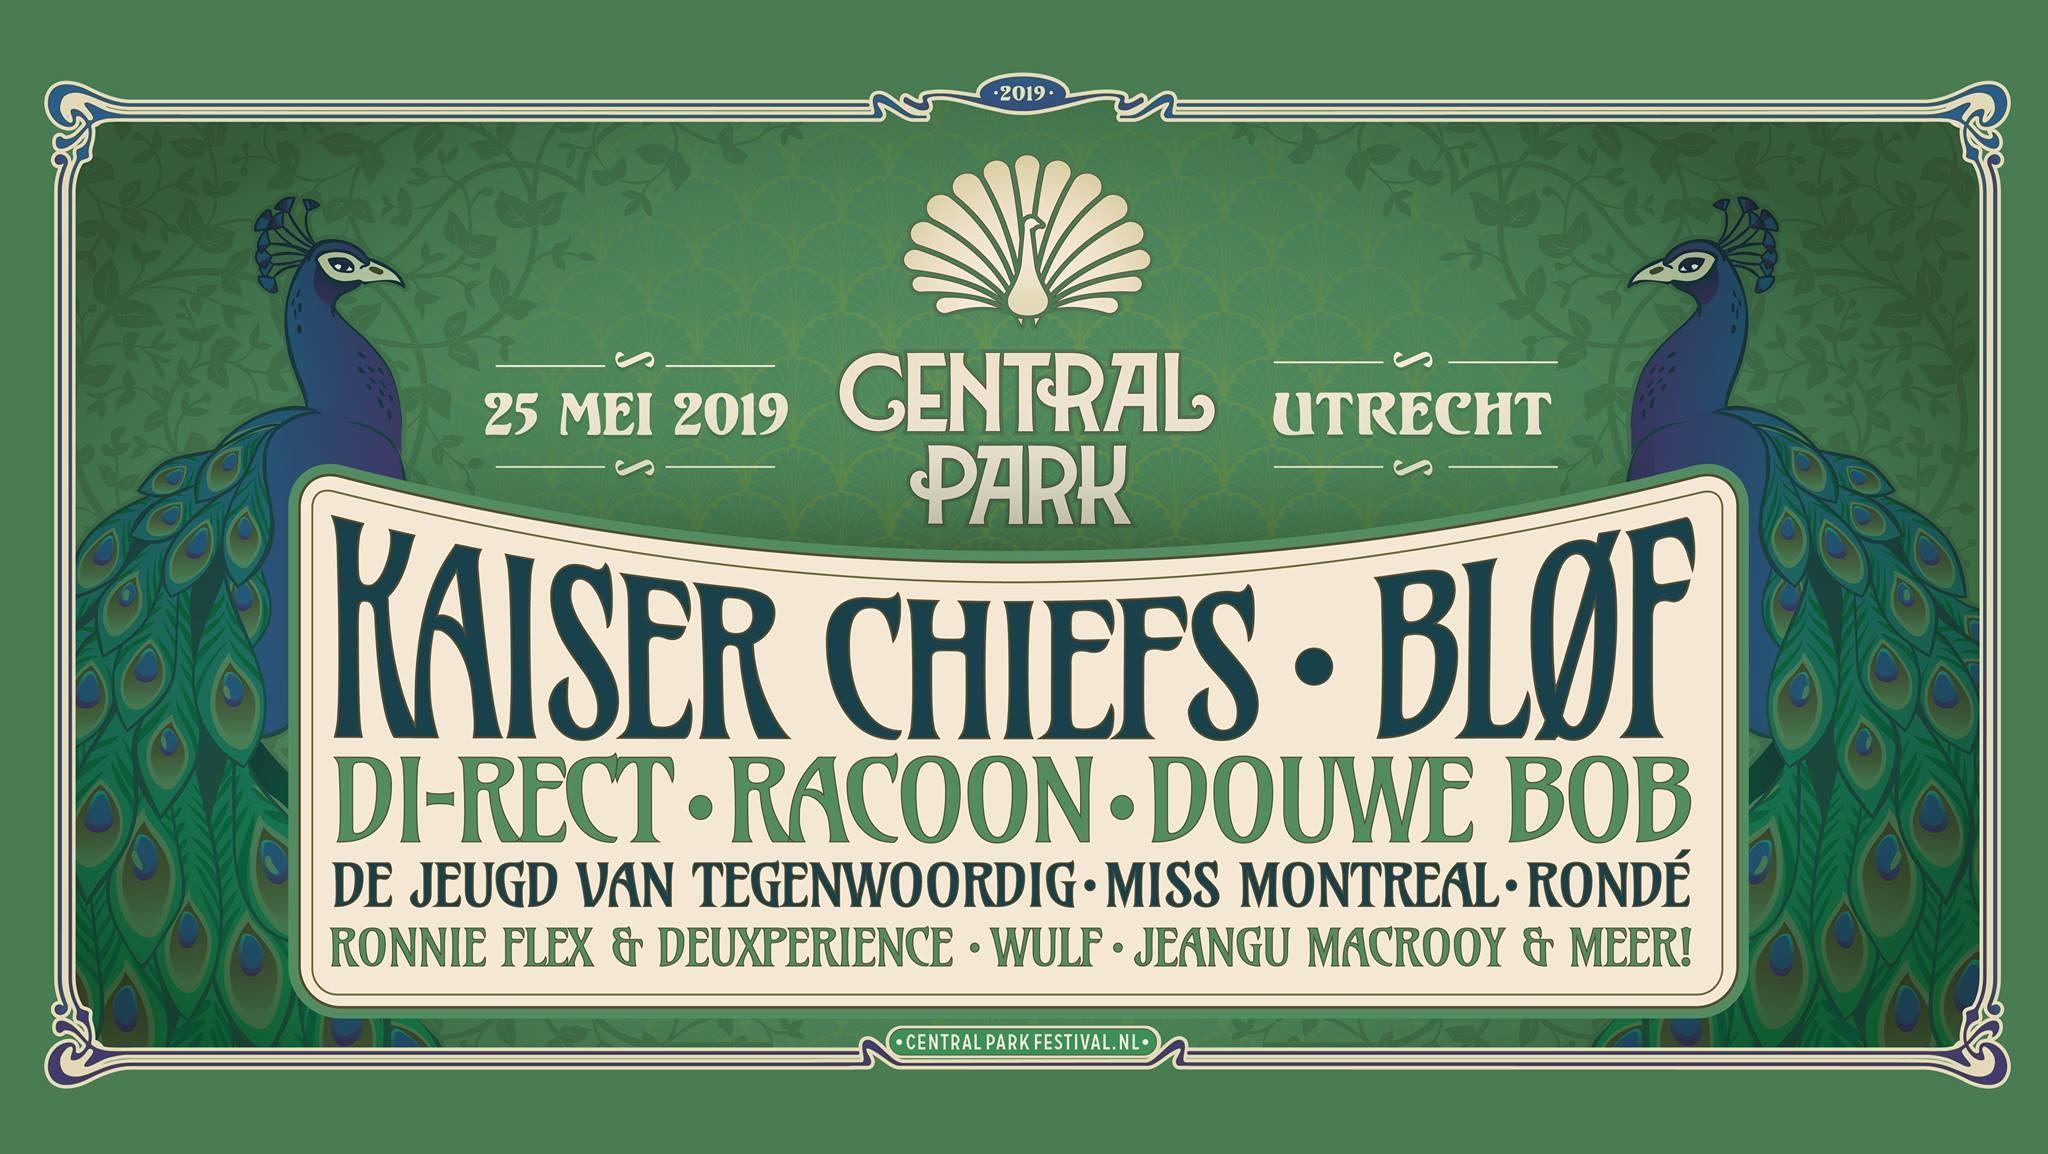 Central Park 25 Mei 2019 Strijkviertel De Meern Evenement